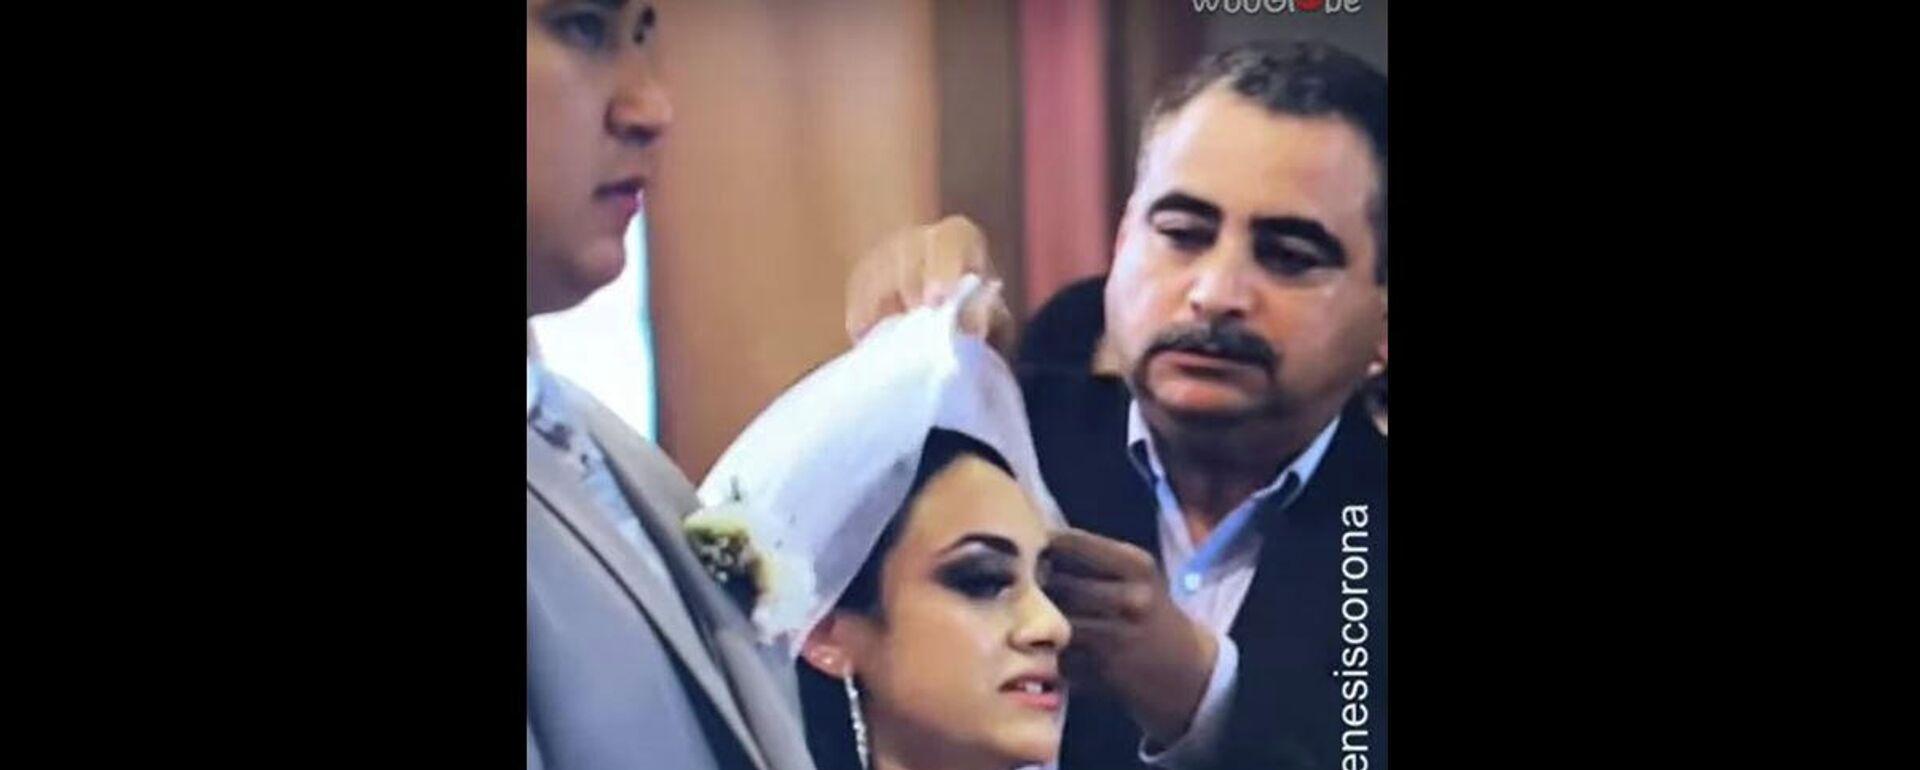 Μπαμπάς πάει να βοηθήσει τη νύφη στον γάμο και τα κάνει χειρότερα - Sputnik Ελλάδα, 1920, 11.08.2021